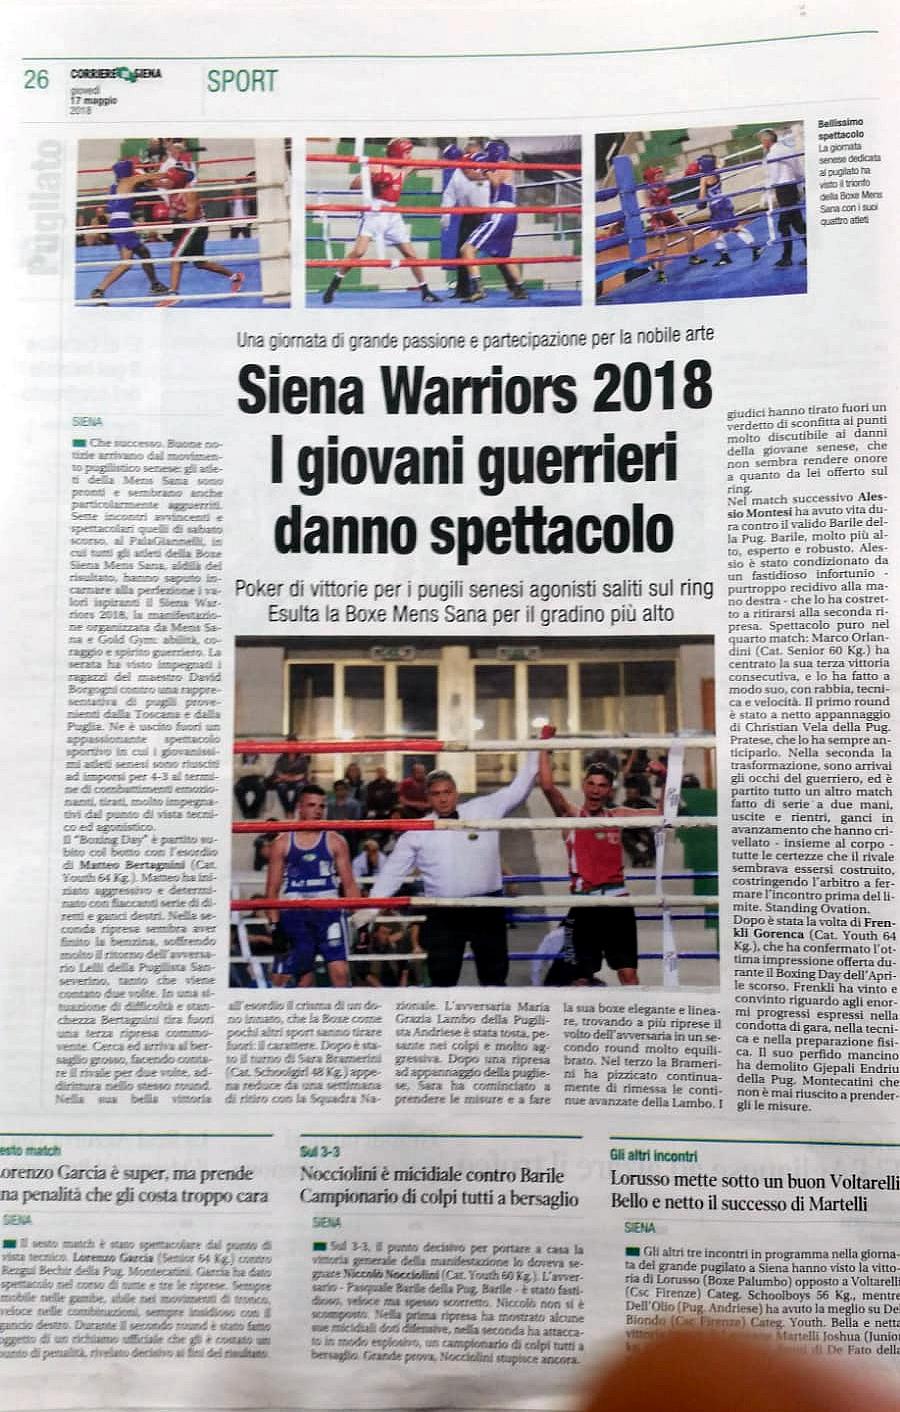 Corriere di Siena 17/05/2018